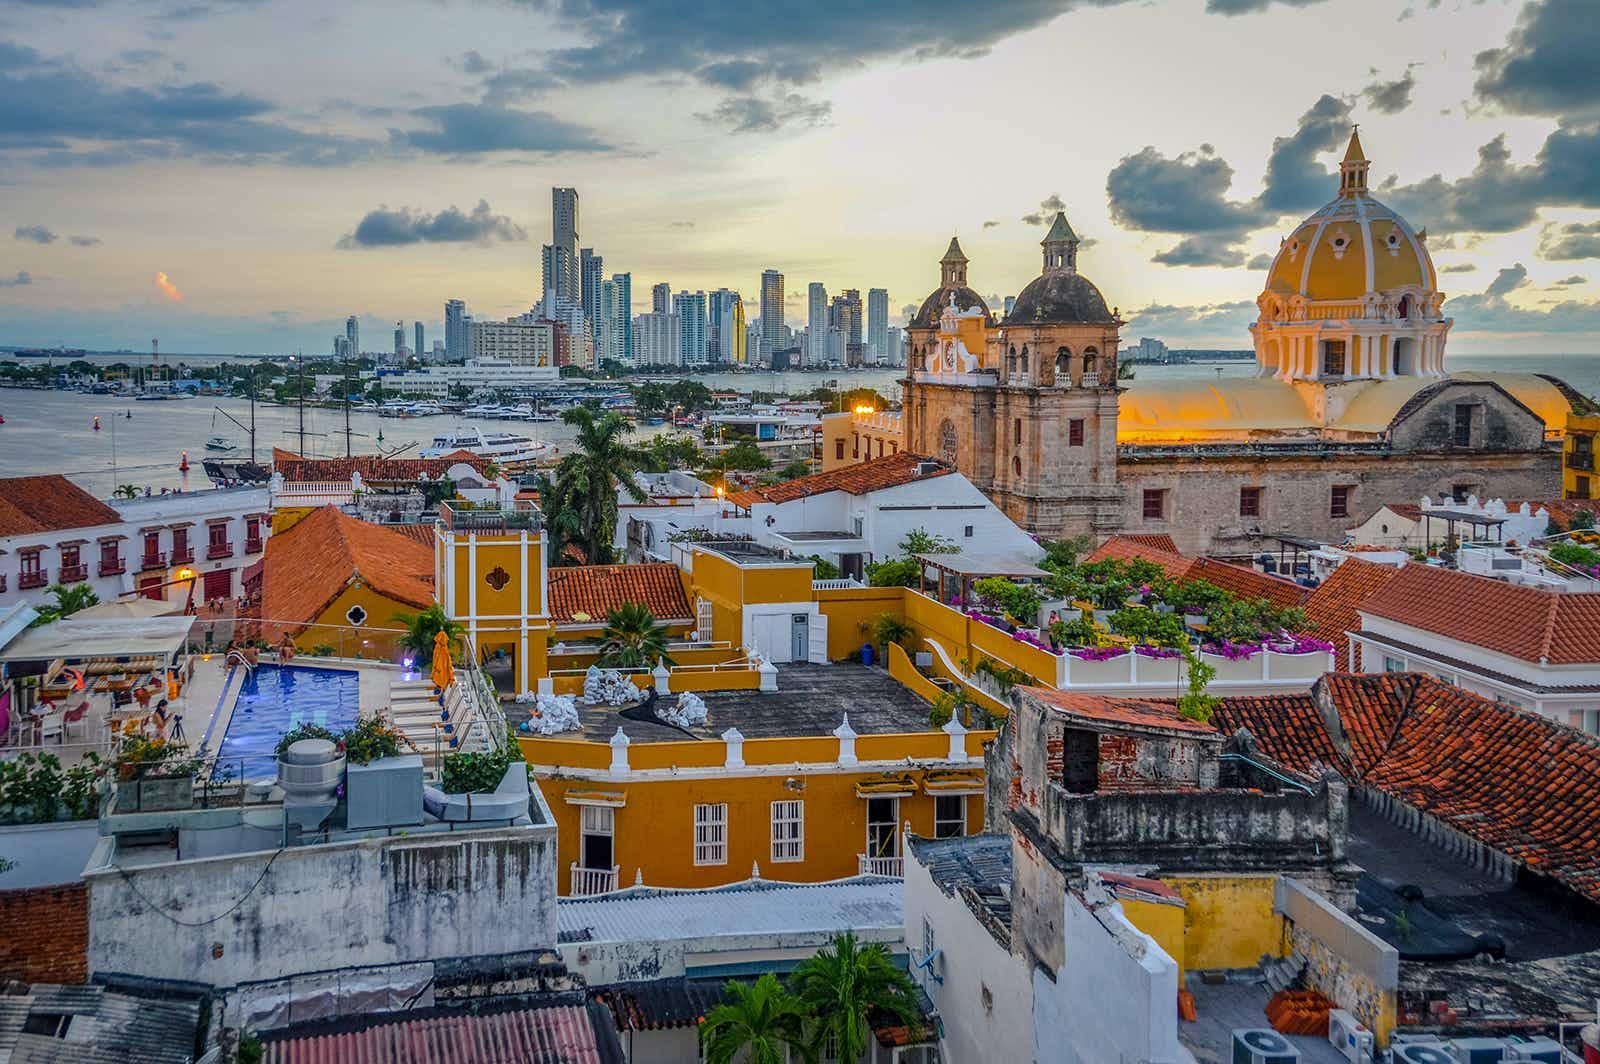 ผลการค้นหารูปภาพสำหรับ Cartagena Old Town lonely planet